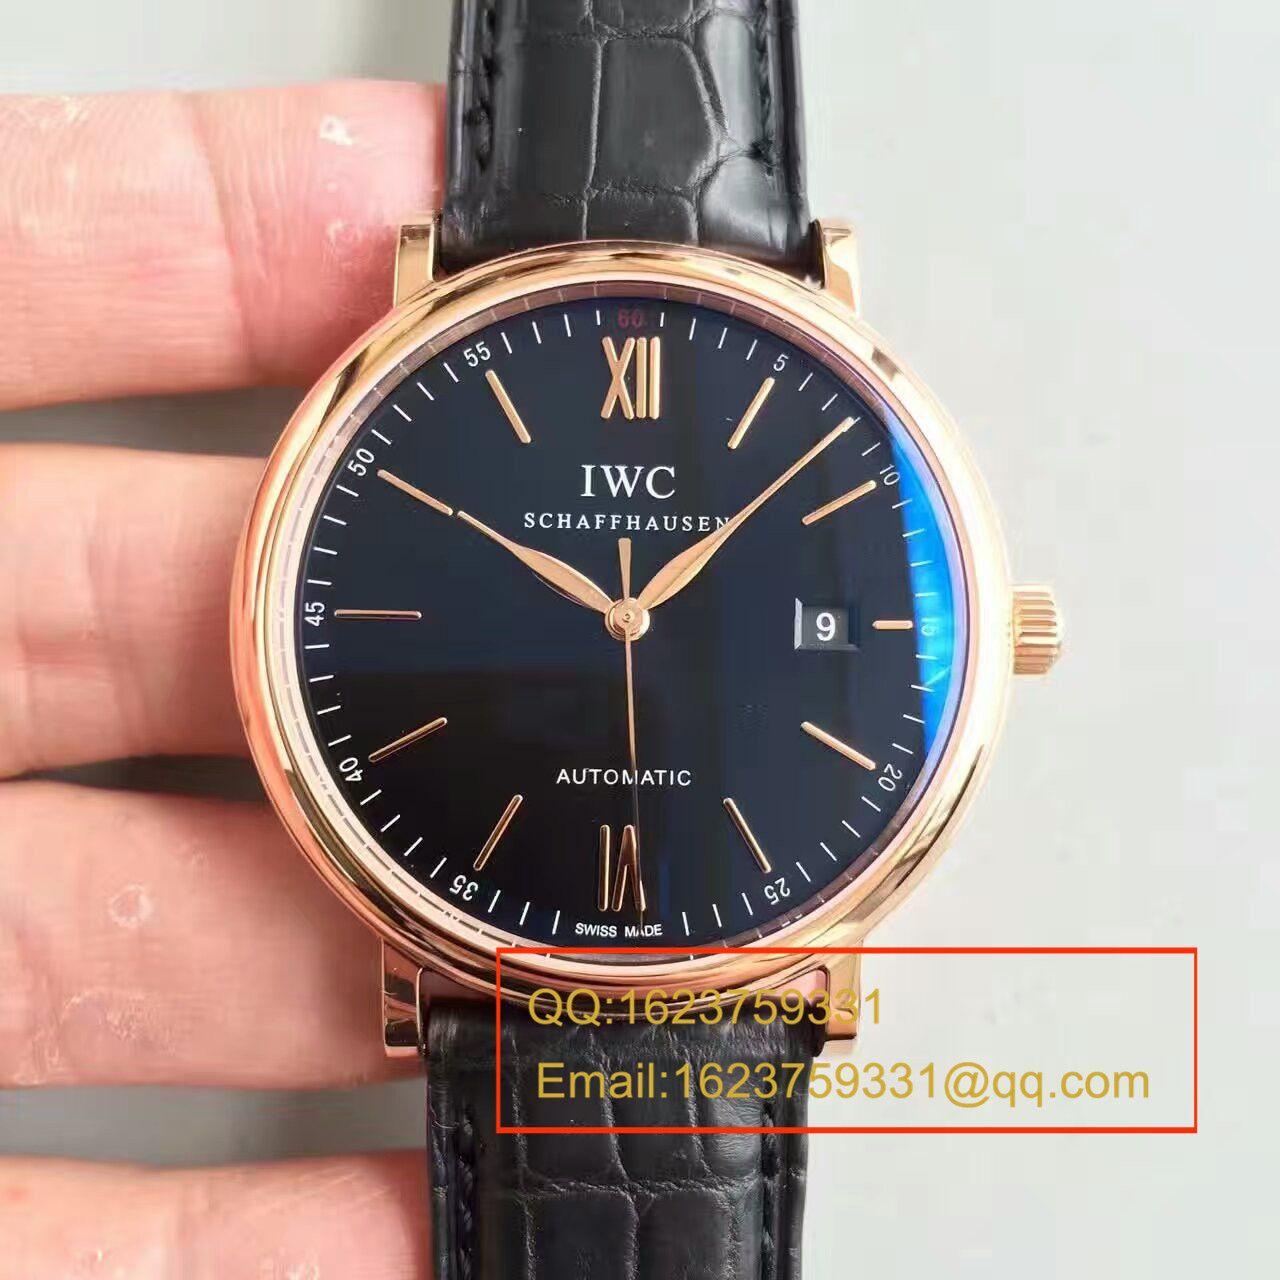 【独家视频测评MK厂1:1高仿手表】万国 IWC 柏涛菲诺系列 大三针 IW356512 男士手表 / WGAH117